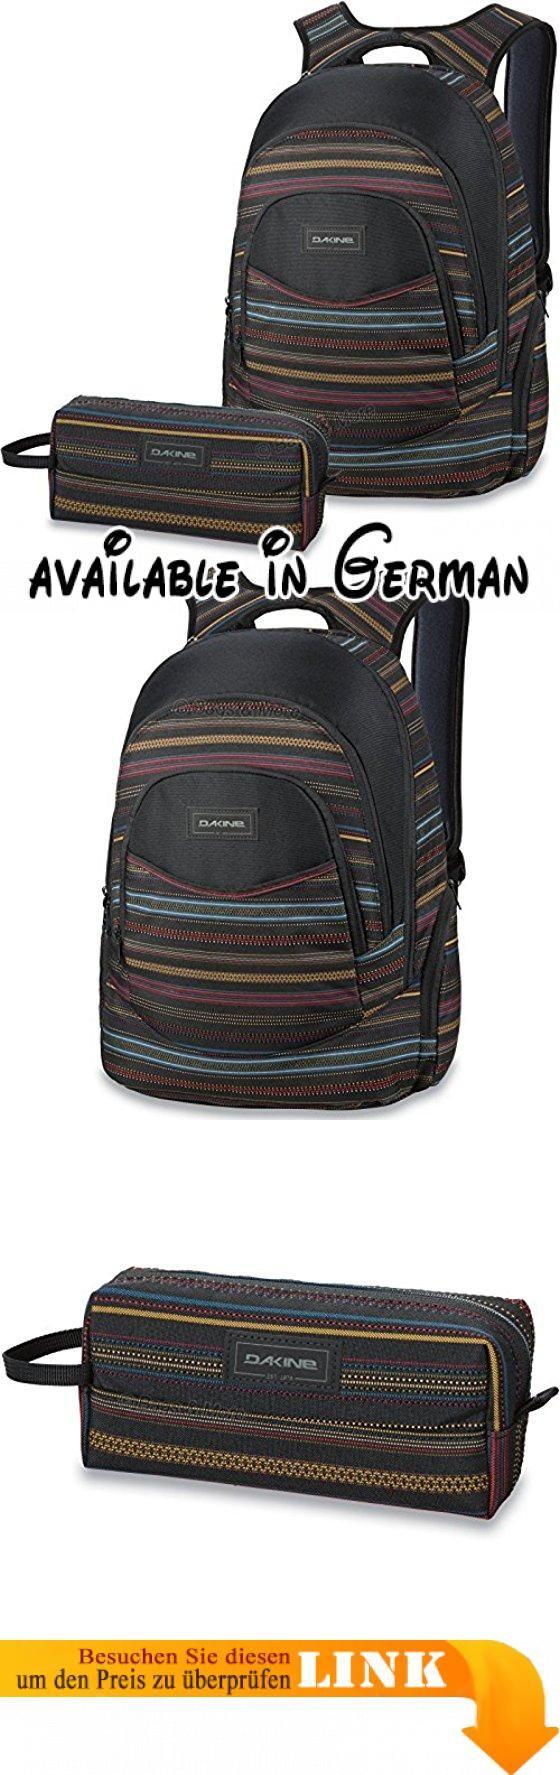 DAKINE 2er SET Laptop Rucksack Schulrucksack PROM + ACCESSORY CASE Mäppchen Nevada. Rucksack: Geräumiges Hauptfach inkl. Laptopfach, Multifunktionsfach mit Organizer-Einteilung. Frontfach, isoliertes Kühlfach, Sonnenbrillen-Fach, 2 Seitentaschen, bequeme Schultergurte und Rückenpolsterung. Außenmaße: ca. 46 x 30 x 23 cm, Notebookmaße: max. 36 x 30 x 4 cm, Volumen: ca. 25 Liter, Material und Innenfutter: 100% Polyester. Mäppchen: Geräumiger Innenteil mit Reißverschluss.